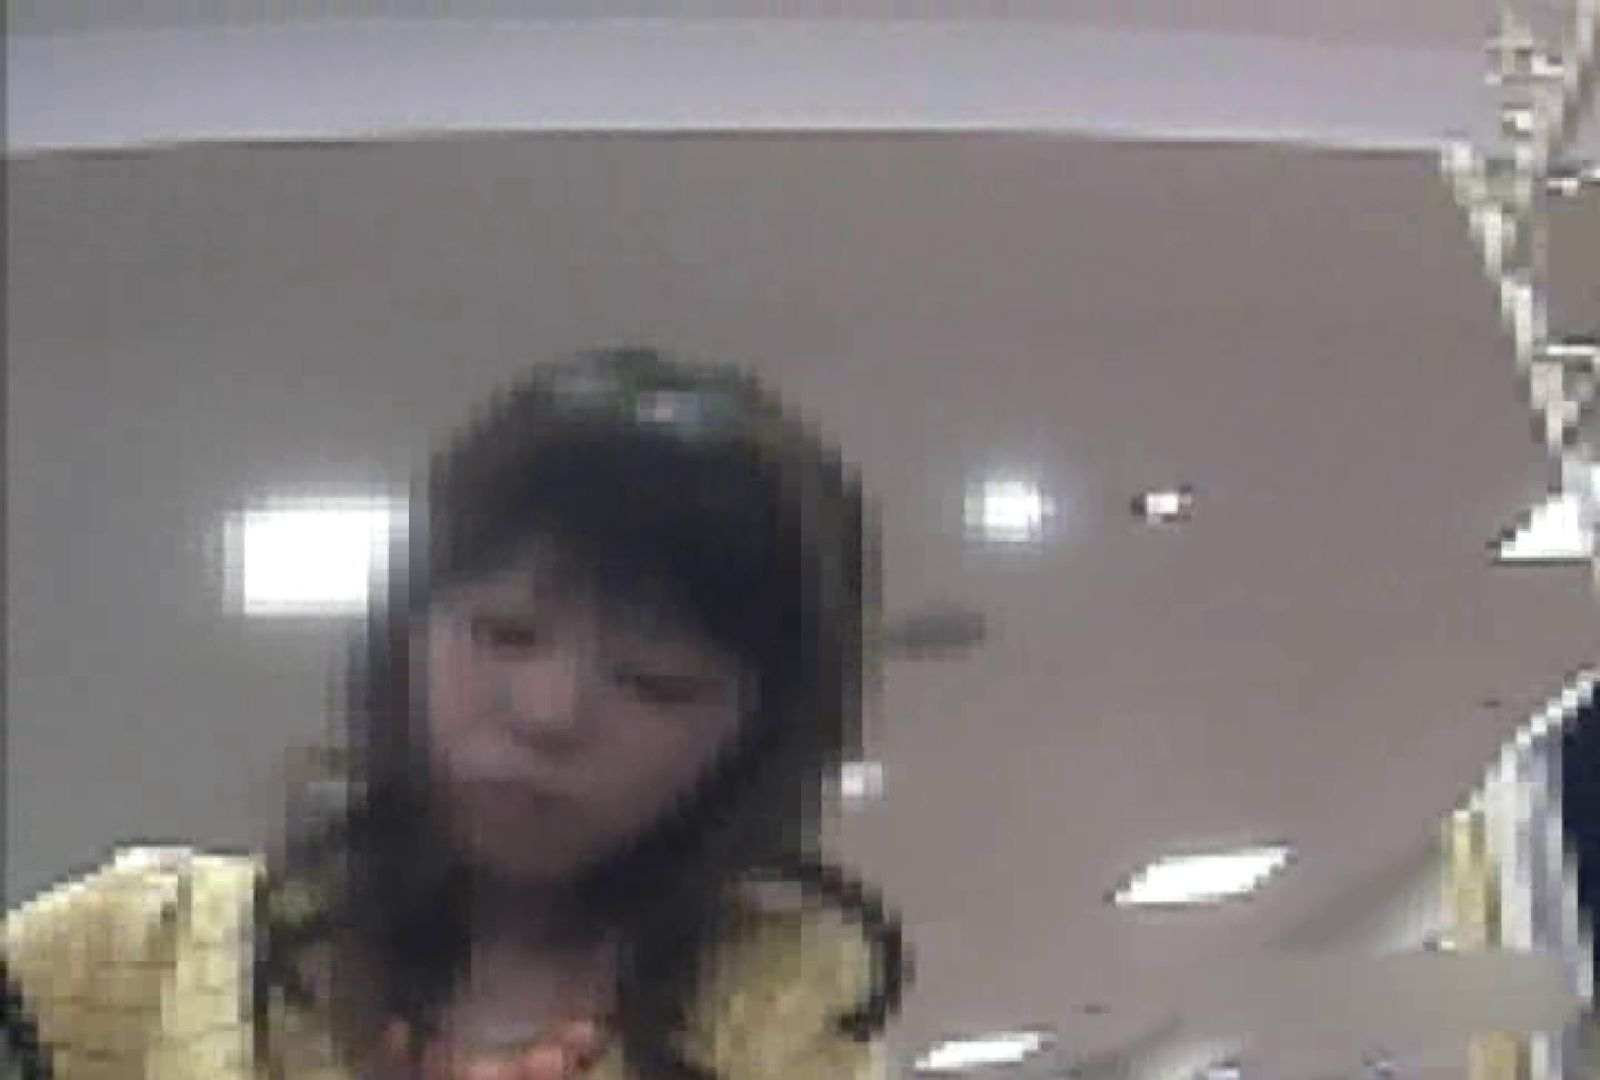 ショップ店員のパンチラアクシデント Vol.22 エロティックなOL オマンコ動画キャプチャ 61画像 6